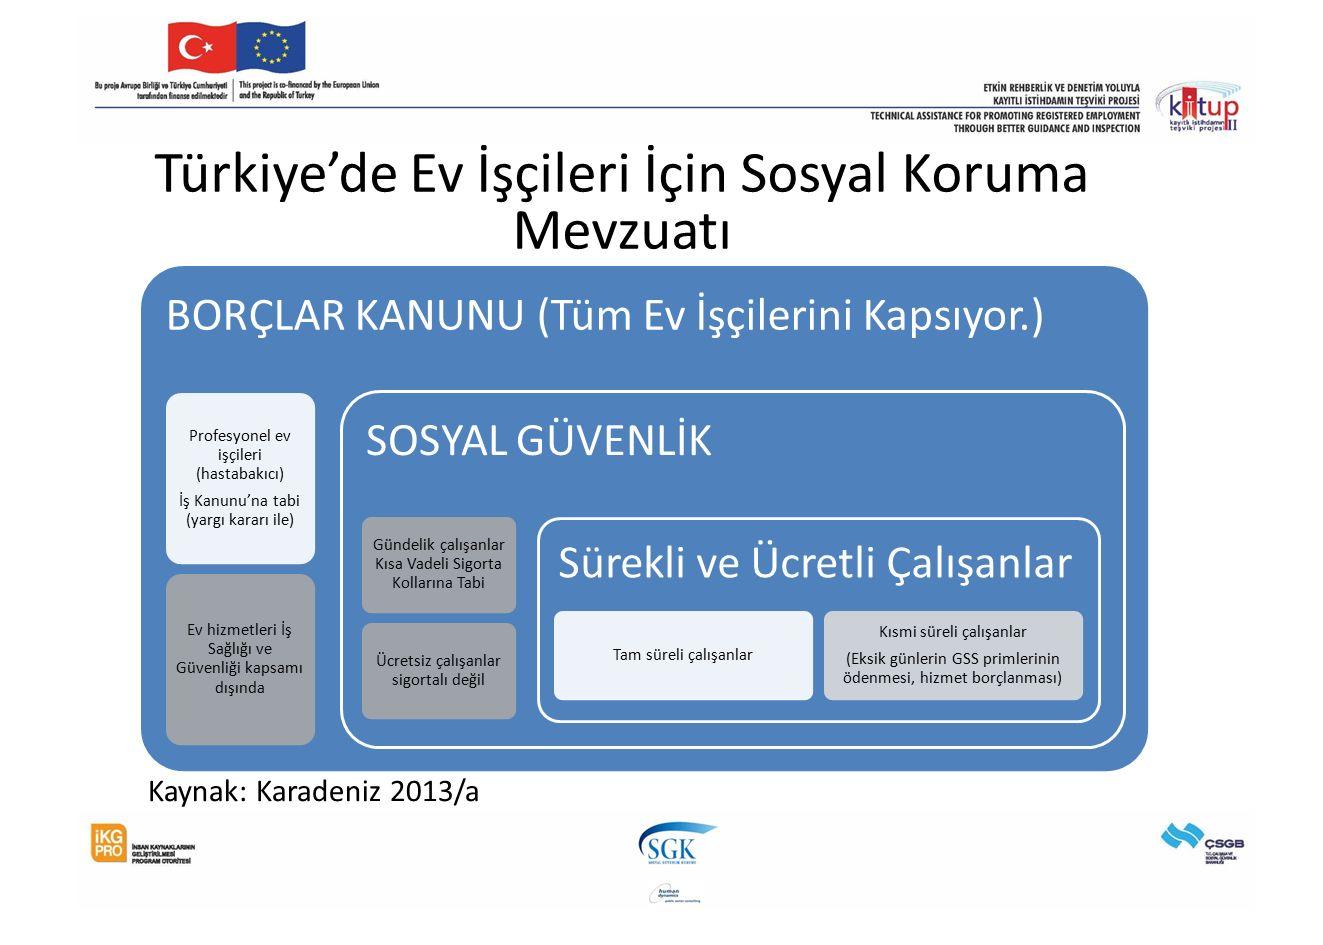 Türkiye'de Ev İşçileri İçin Sosyal Koruma Mevzuatı BORÇLAR KANUNU (Tüm Ev İşçilerini Kapsıyor.) Profesyonel ev işçileri (hastabakıcı) İş Kanunu'na tabi (yargı kararı ile) Ev hizmetleri İş Sağlığı ve Güvenliği kapsamı dışında SOSYAL GÜVENLİK Gündelik çalışanlar Kısa Vadeli Sigorta Kollarına Tabi Ücretsiz çalışanlar sigortalı değil Sürekli ve Ücretli Çalışanlar Tam süreli çalışanlar Kısmi süreli çalışanlar (Eksik günlerin GSS primlerinin ödenmesi, hizmet borçlanması) Kaynak: Karadeniz 2013/a